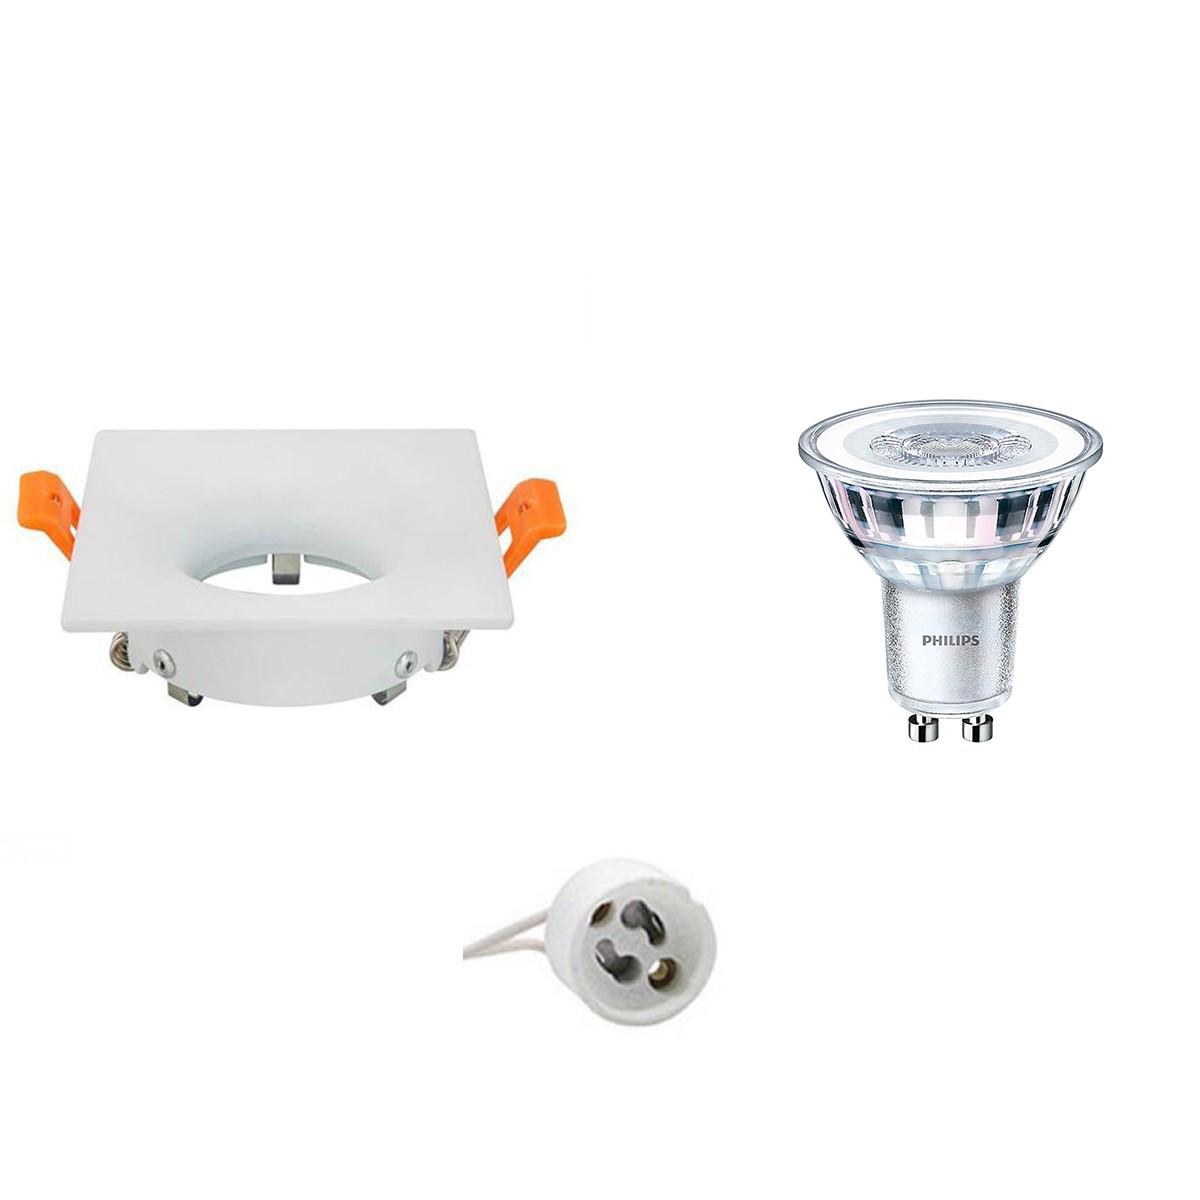 PHILIPS - LED Spot Set - CorePro 830 36D - GU10 Fitting - Inbouw Vierkant - Mat Wit - 4.6W - Warm Wi